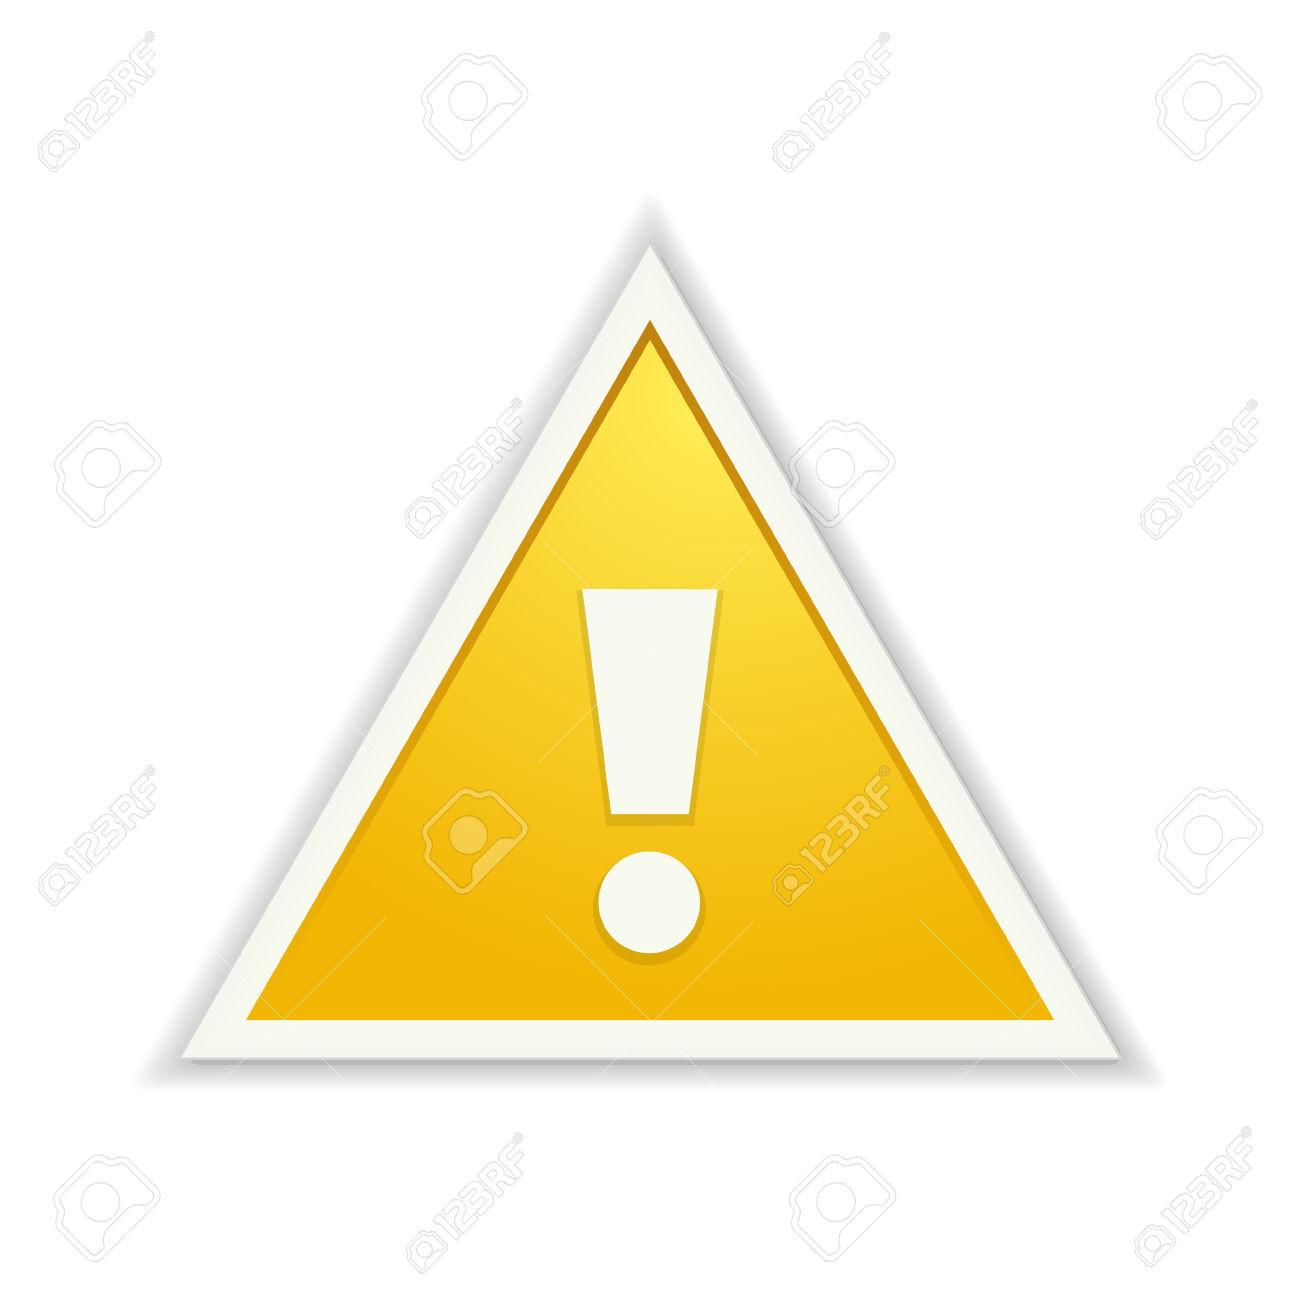 Роутер желтый треугольник с восклицательным знаком